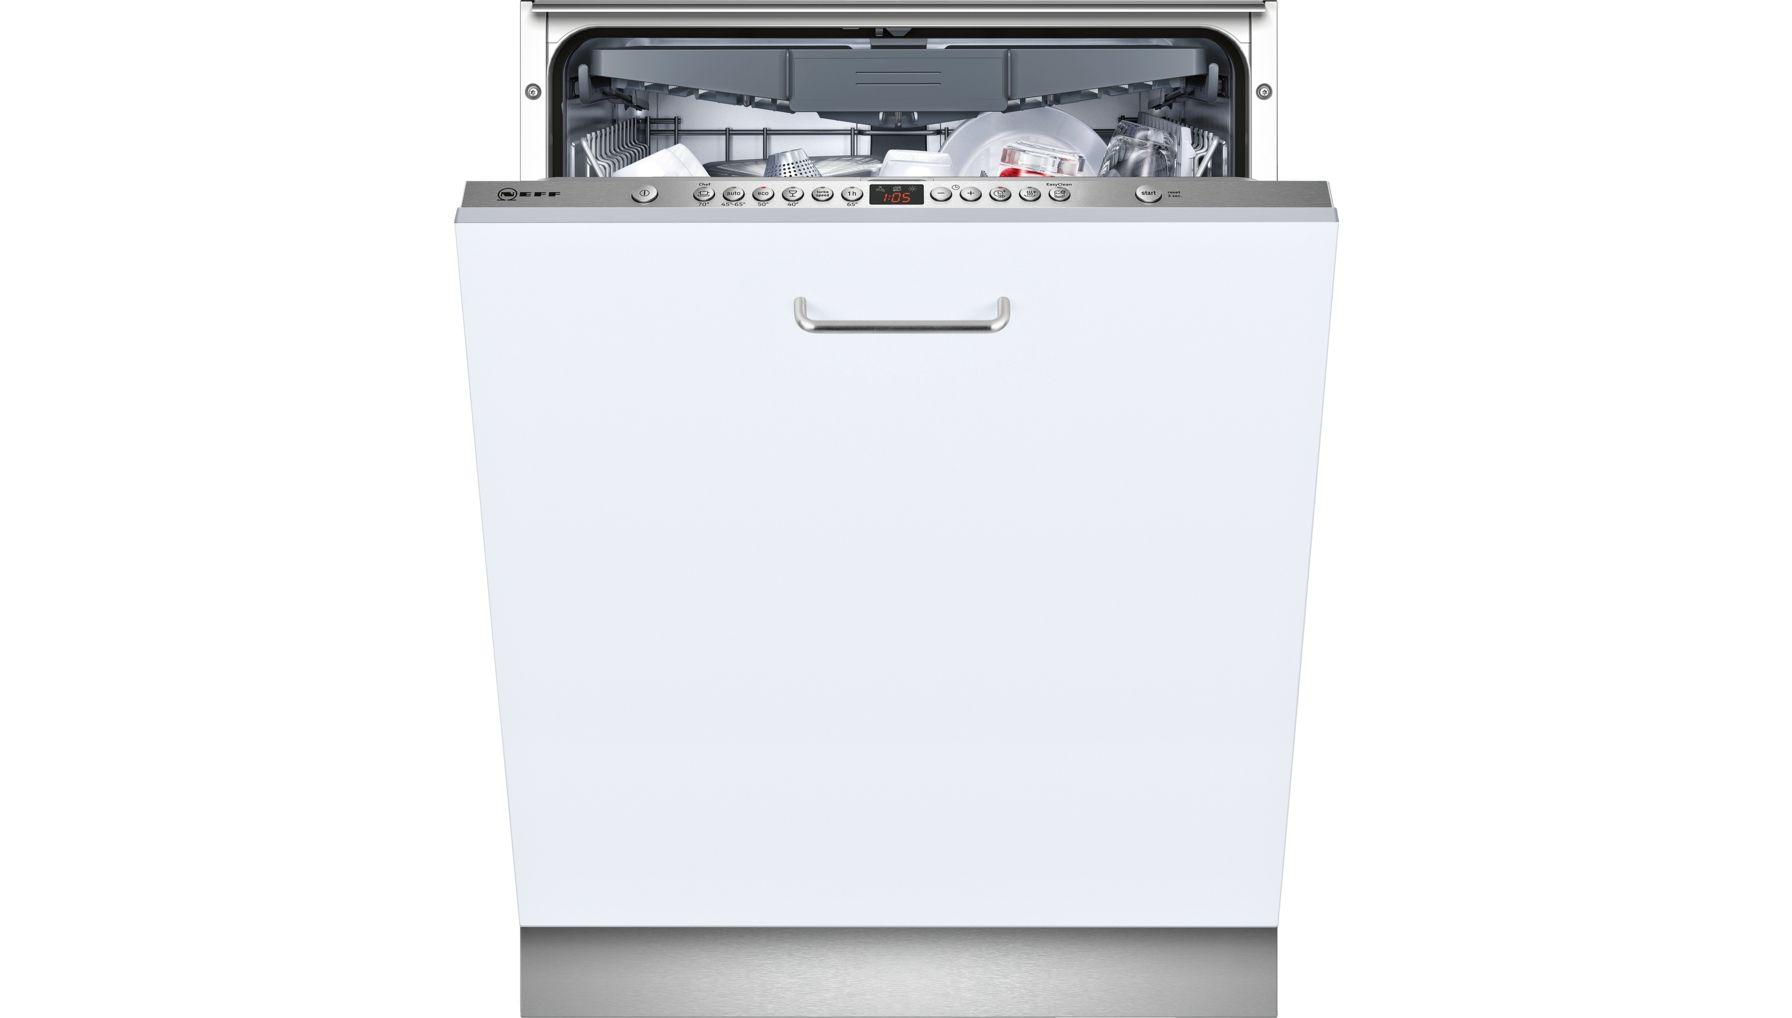 Neff PRODOTTI lavastoviglie lavastoviglie